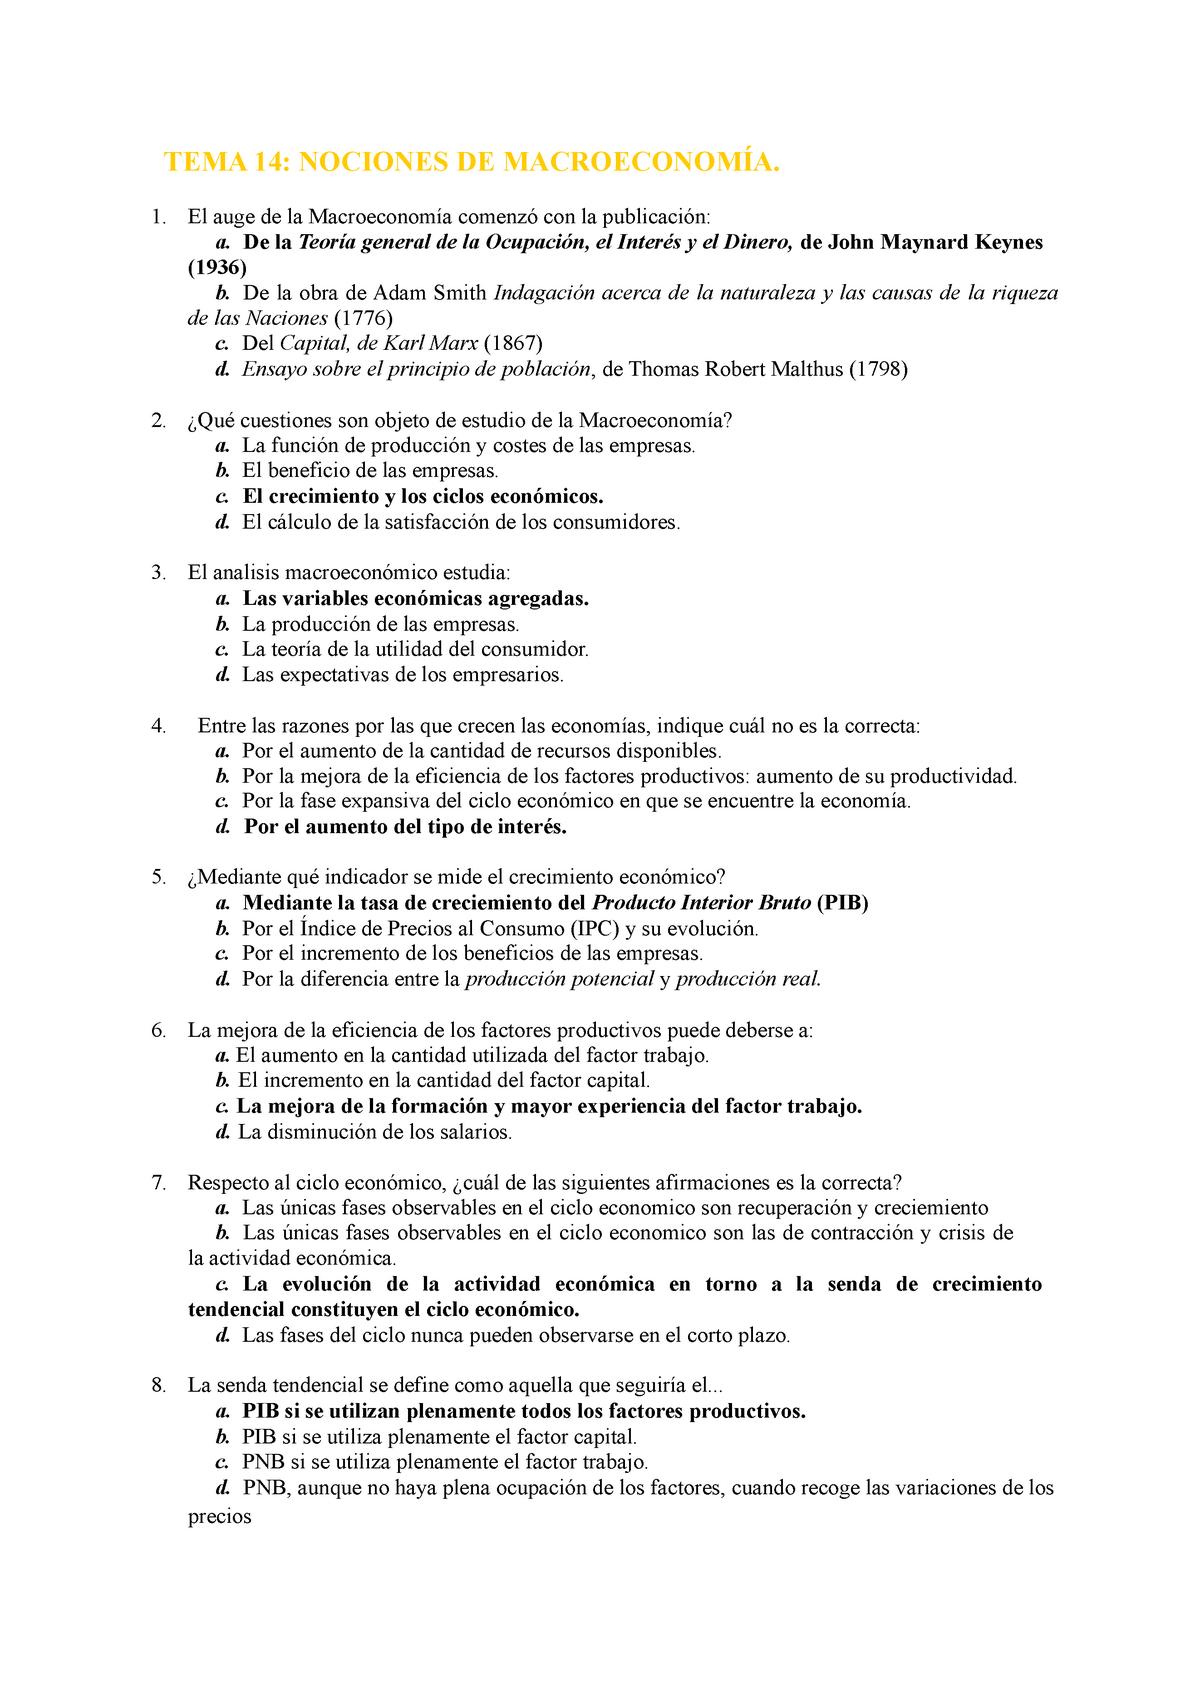 Preguntas Examen Macroeconomia Preguntas De Examen Temas 14 22 Tema 14 Nociones De Macroeconom El Auge De La Macroeconom Comenz Con La Publicaci De La Teor Studocu